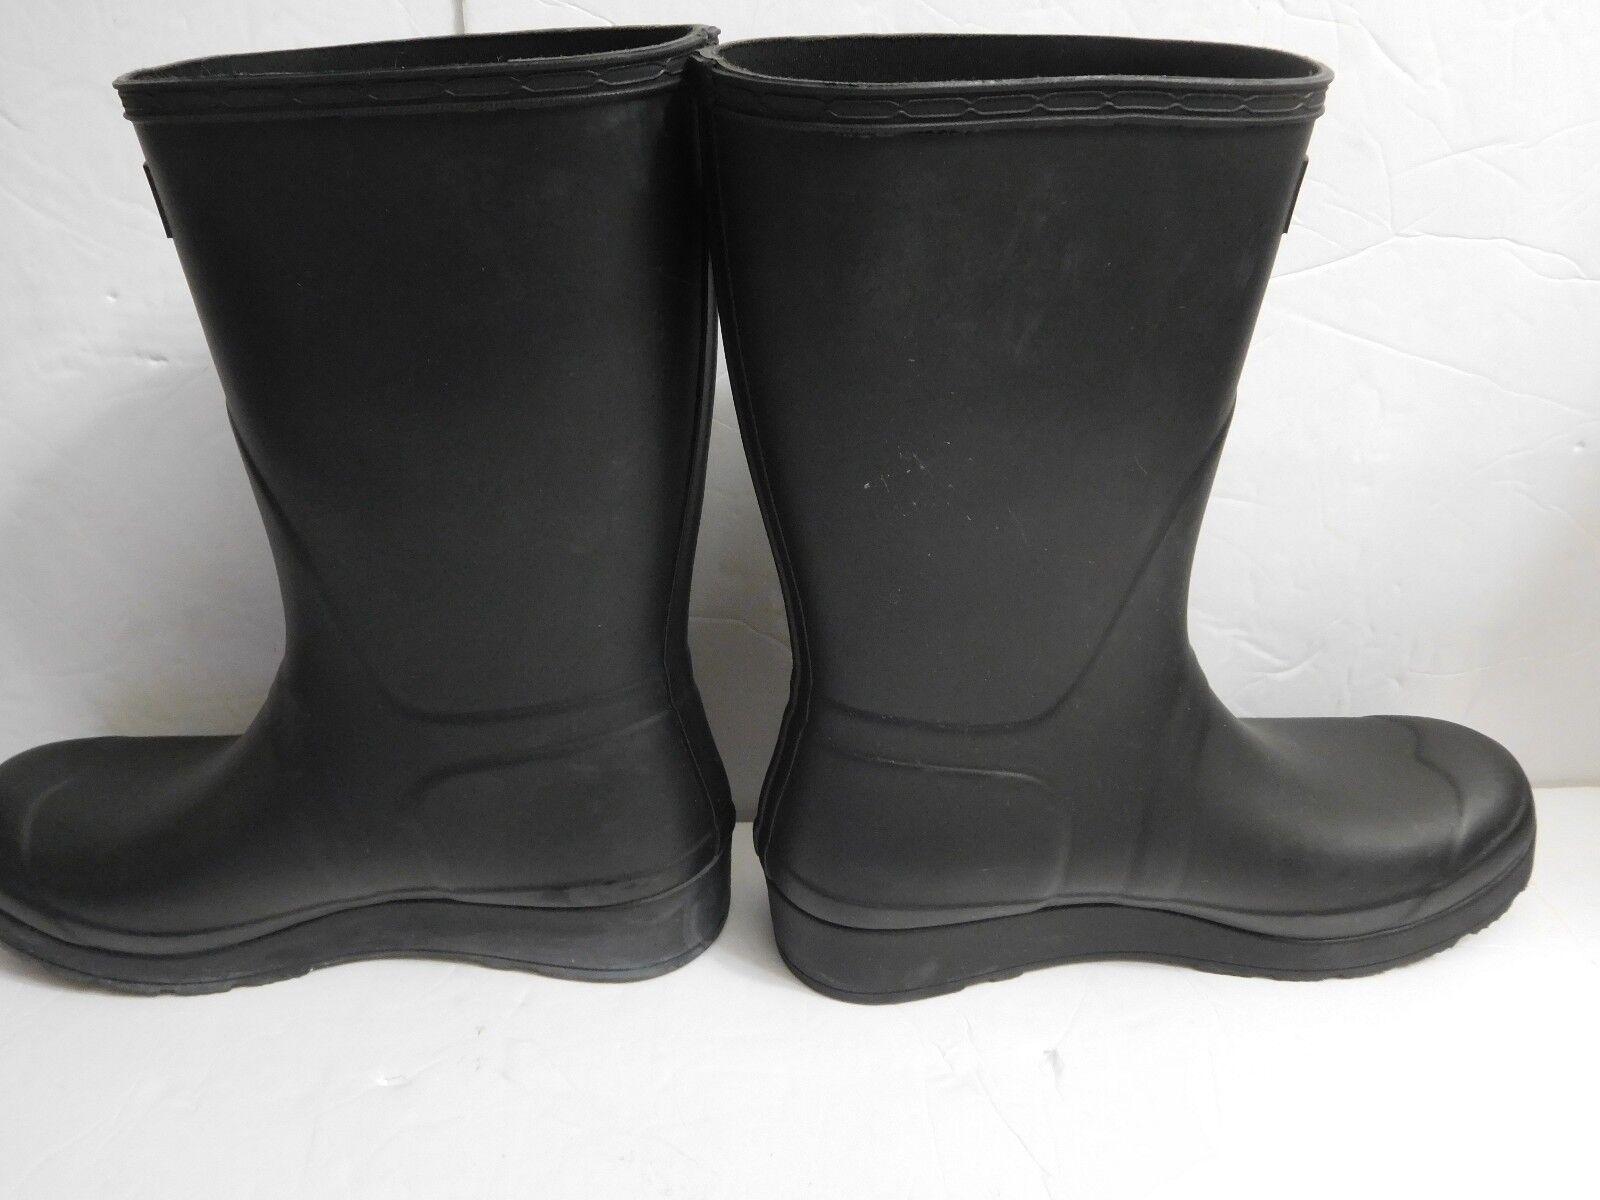 M-207 Hunter Original Mid Calf Rain Boot Short (Damens) Sz 9 US